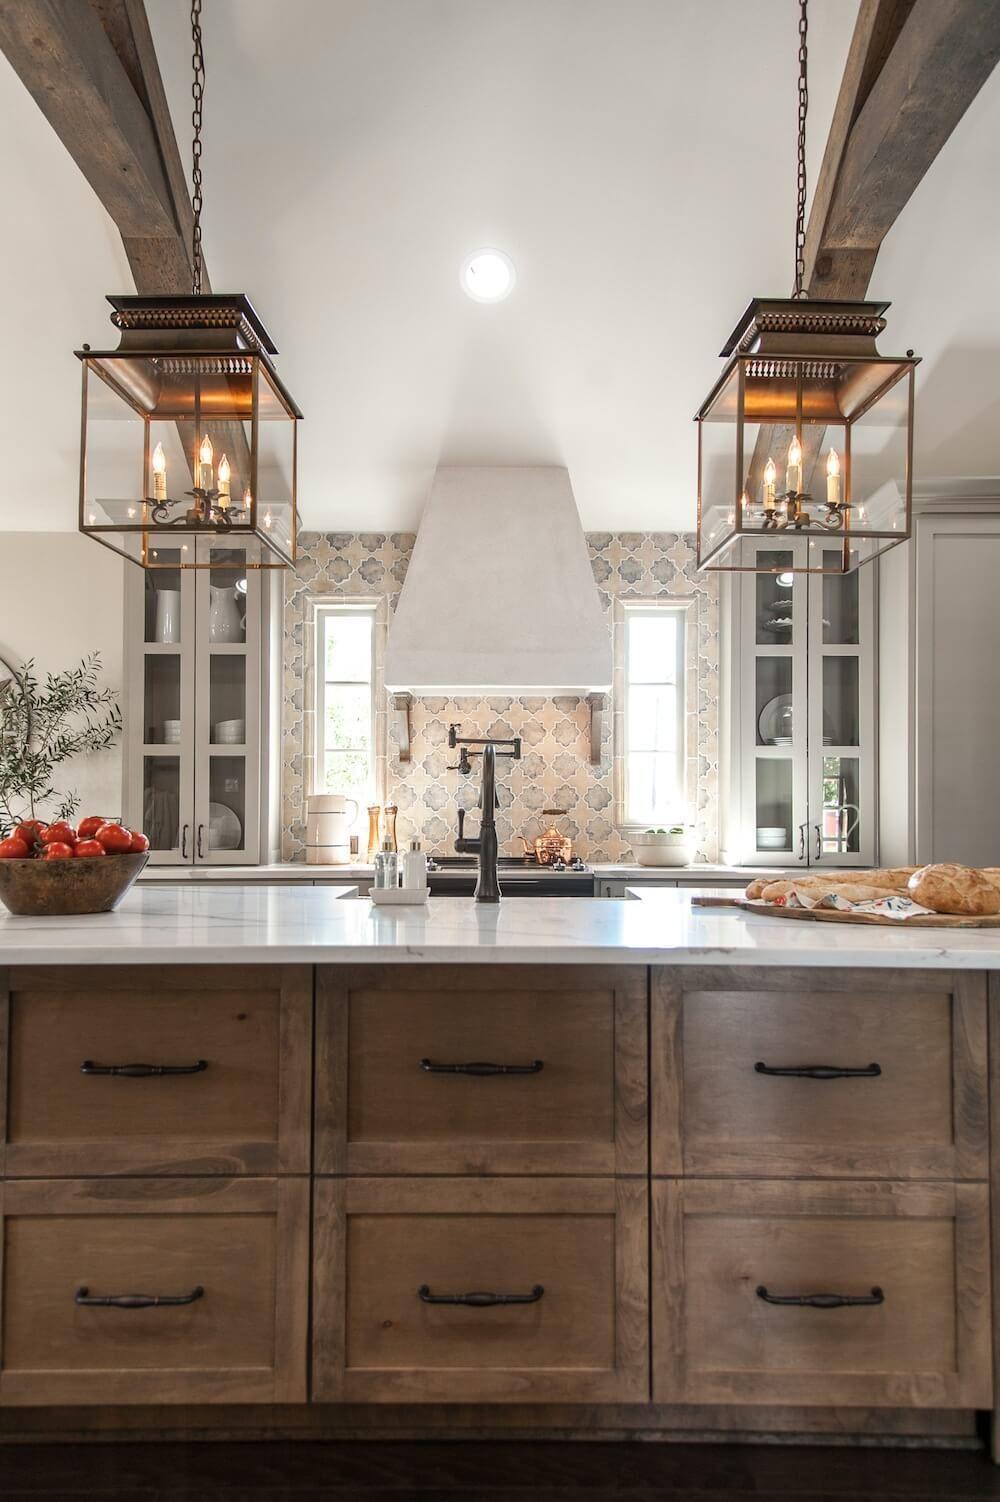 Küchen-design-schrank küche kabinett hardware stile  cabinet hardware unterschiedlich in